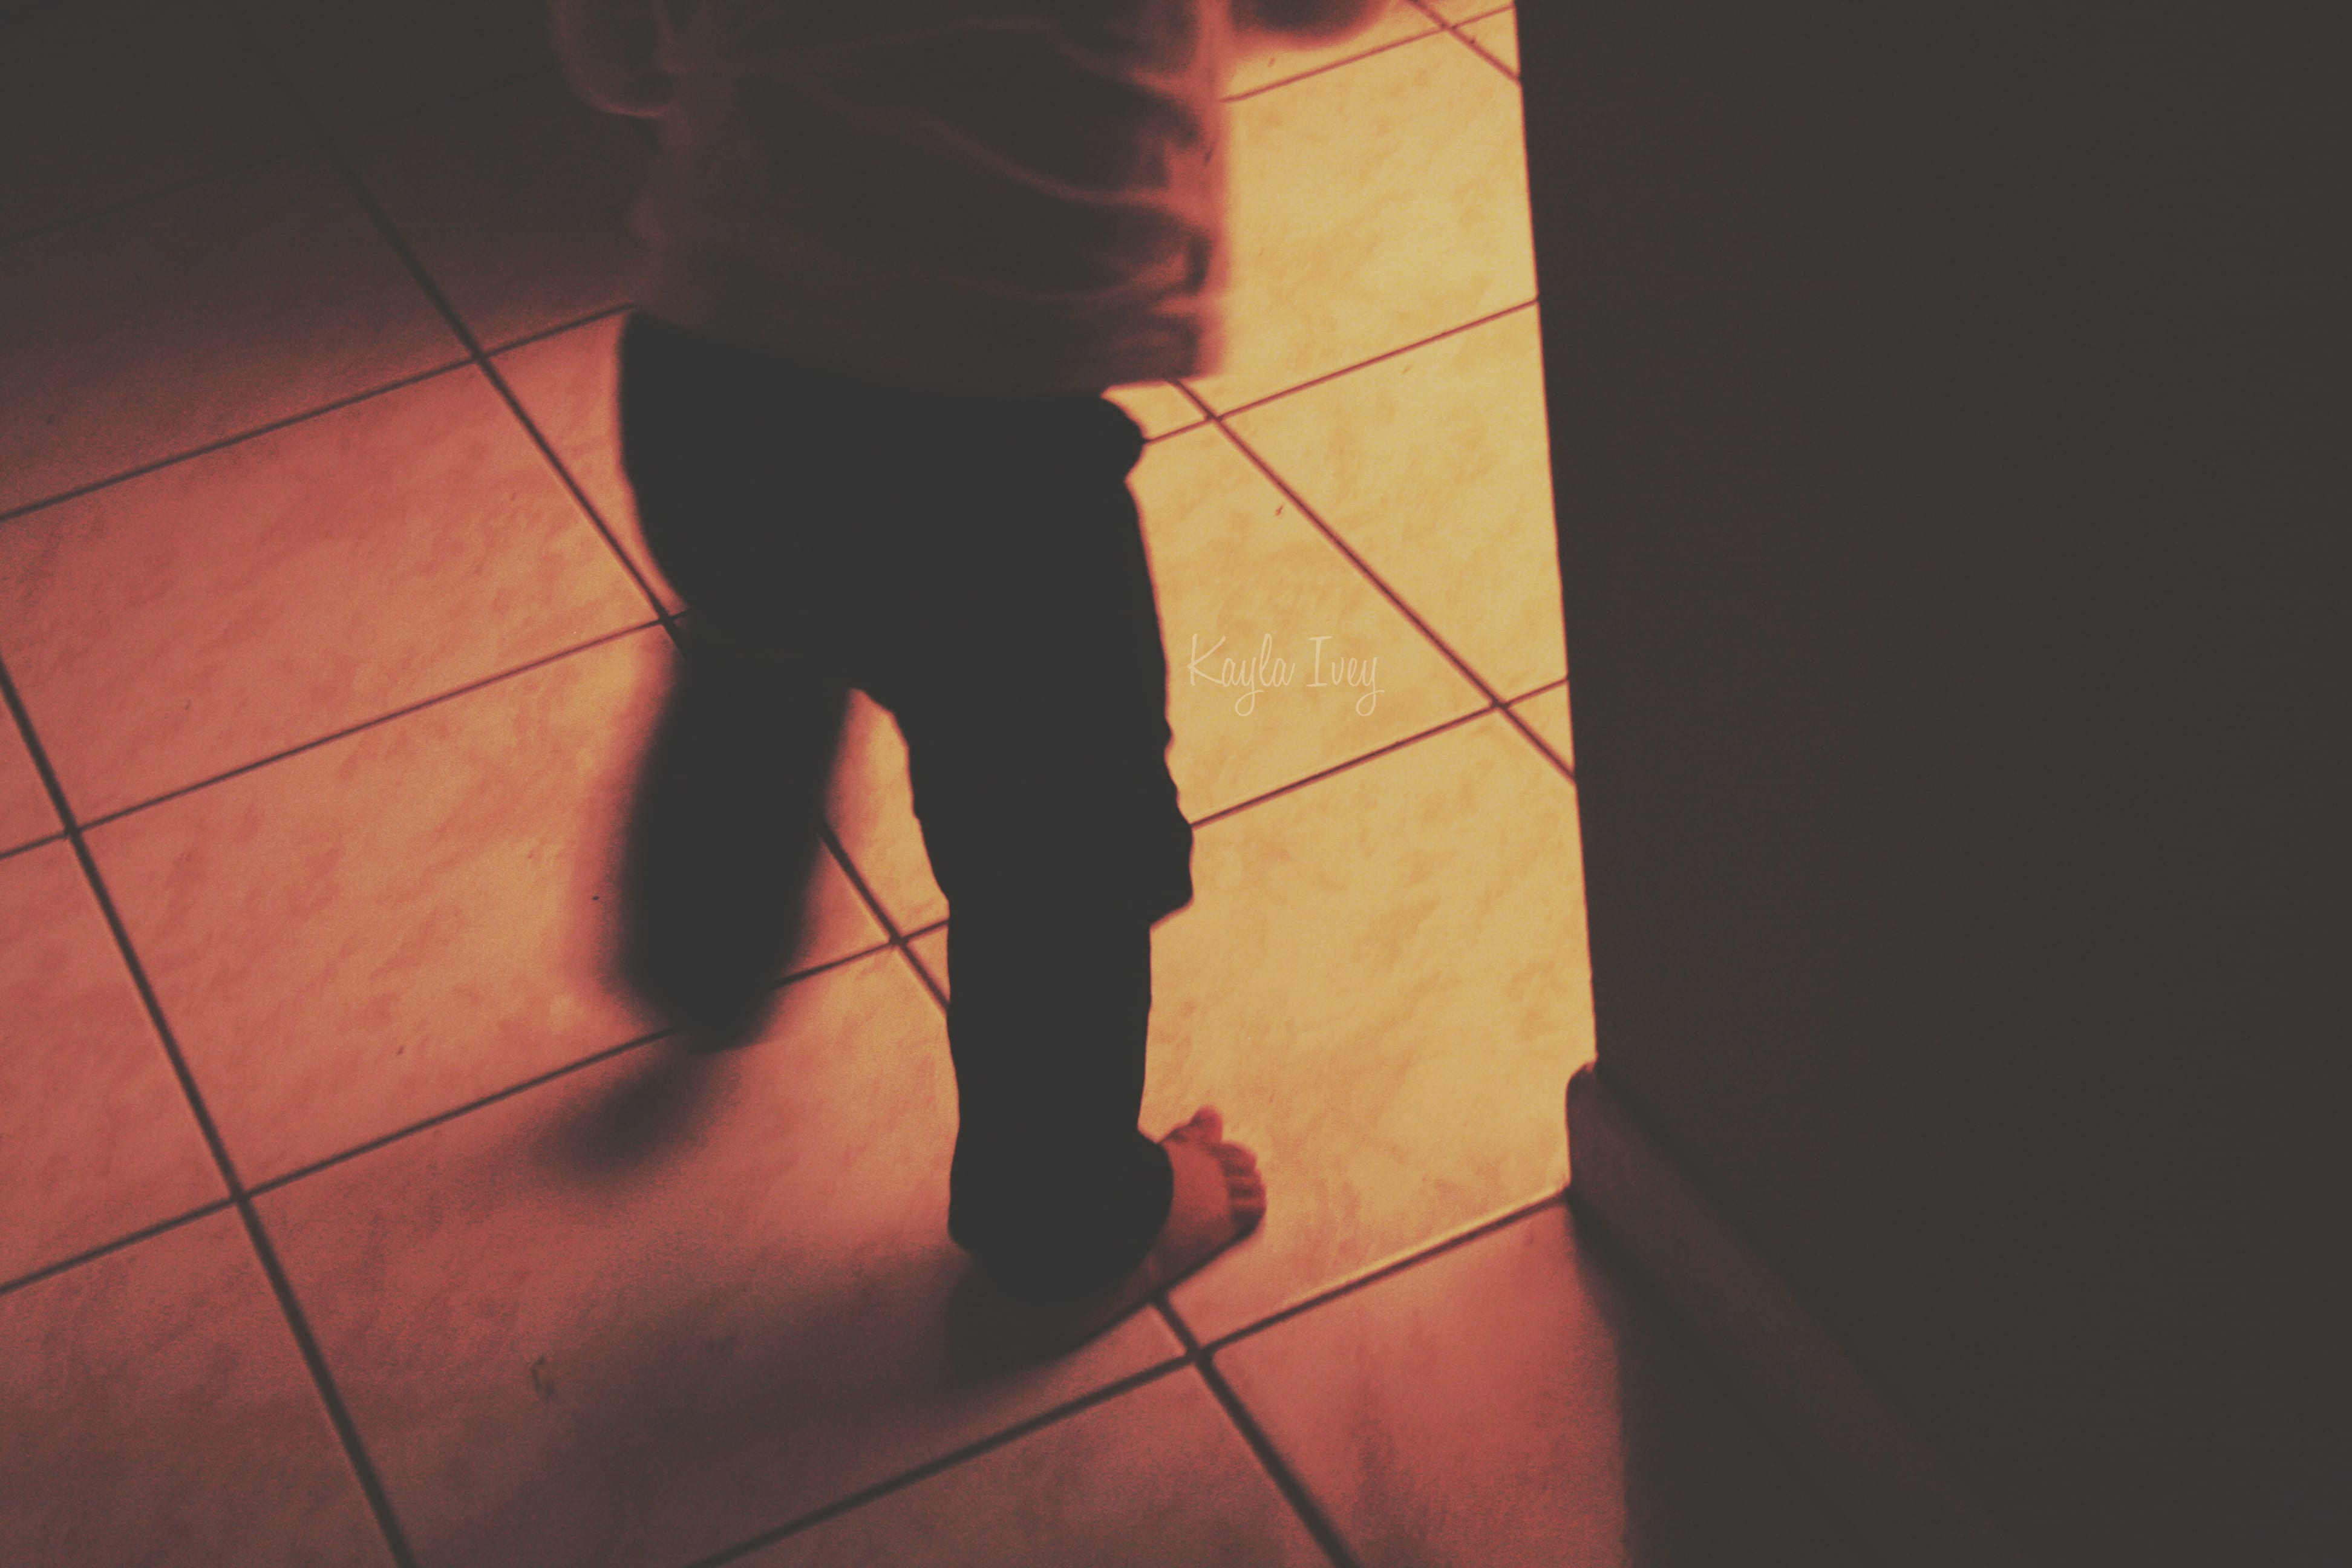 Fast Little Feet by Kayla Ivey